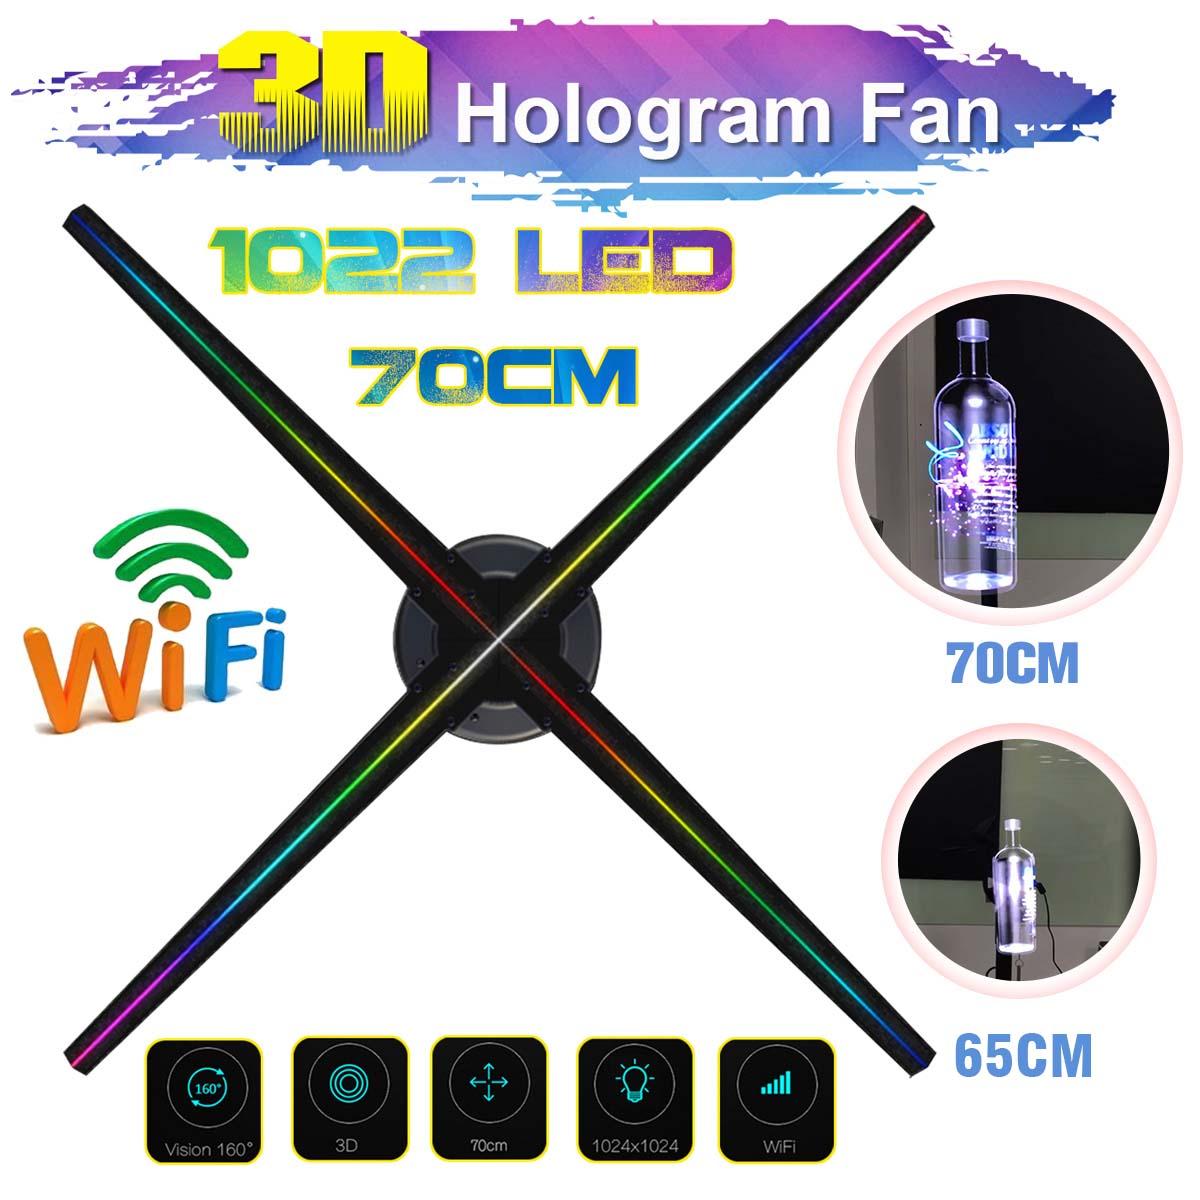 Atualizado 70 centímetros Wi-fi 3D Ventilador Do Projetor Holográfico Holograma Jogador de Exibição de Vídeo LED Publicidade Fã Luz Controle APP Quatro Axila